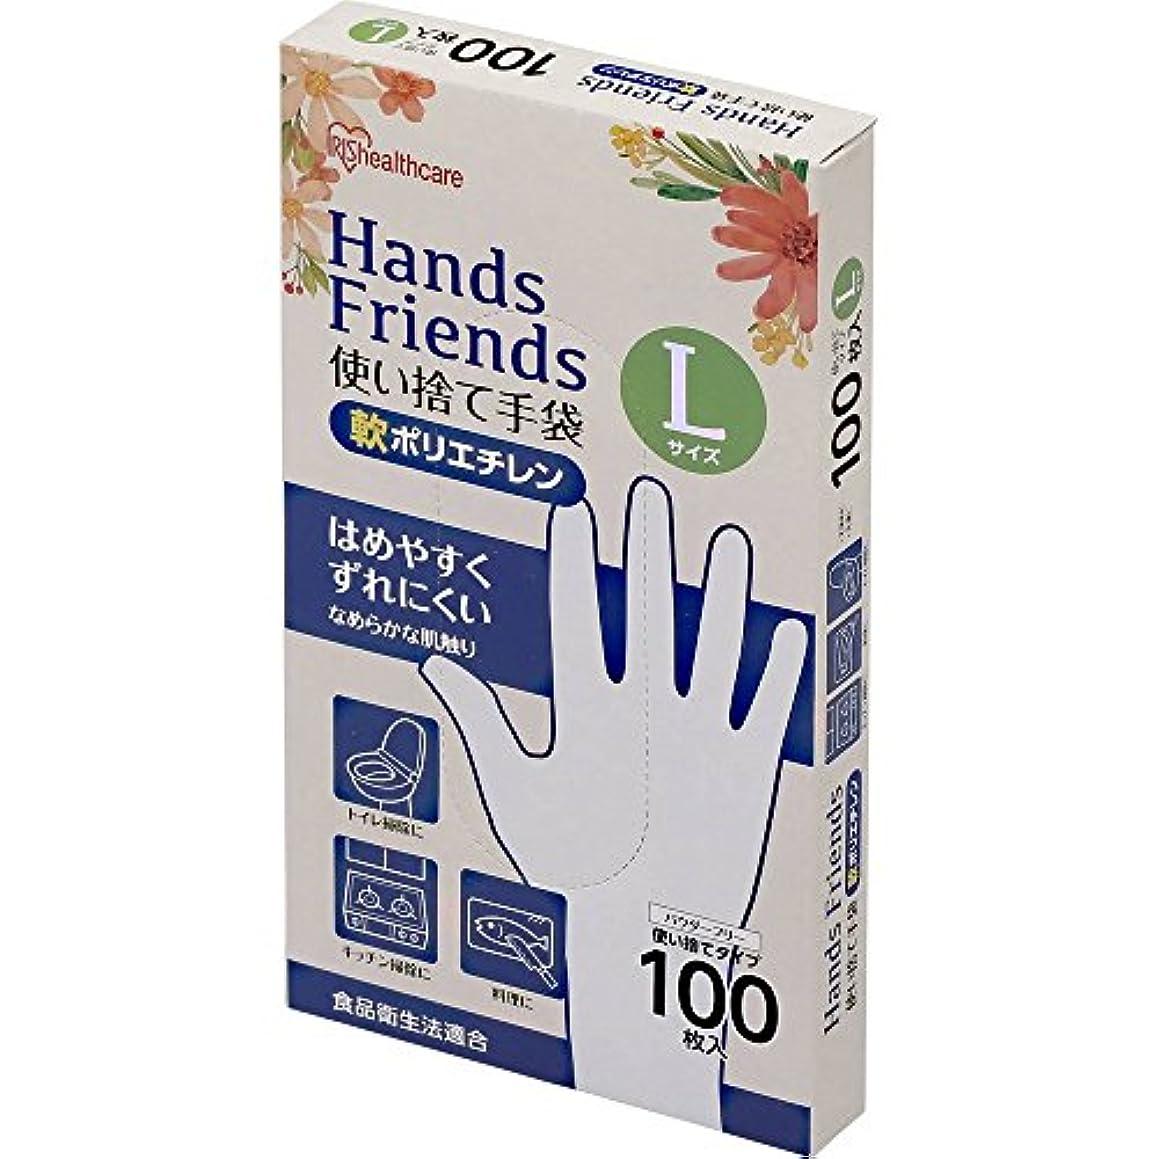 評価する逸脱建物使い捨て手袋 軟ポリエチレン手袋 Lサイズ 粉なし パウダーフリー クリア 100枚入